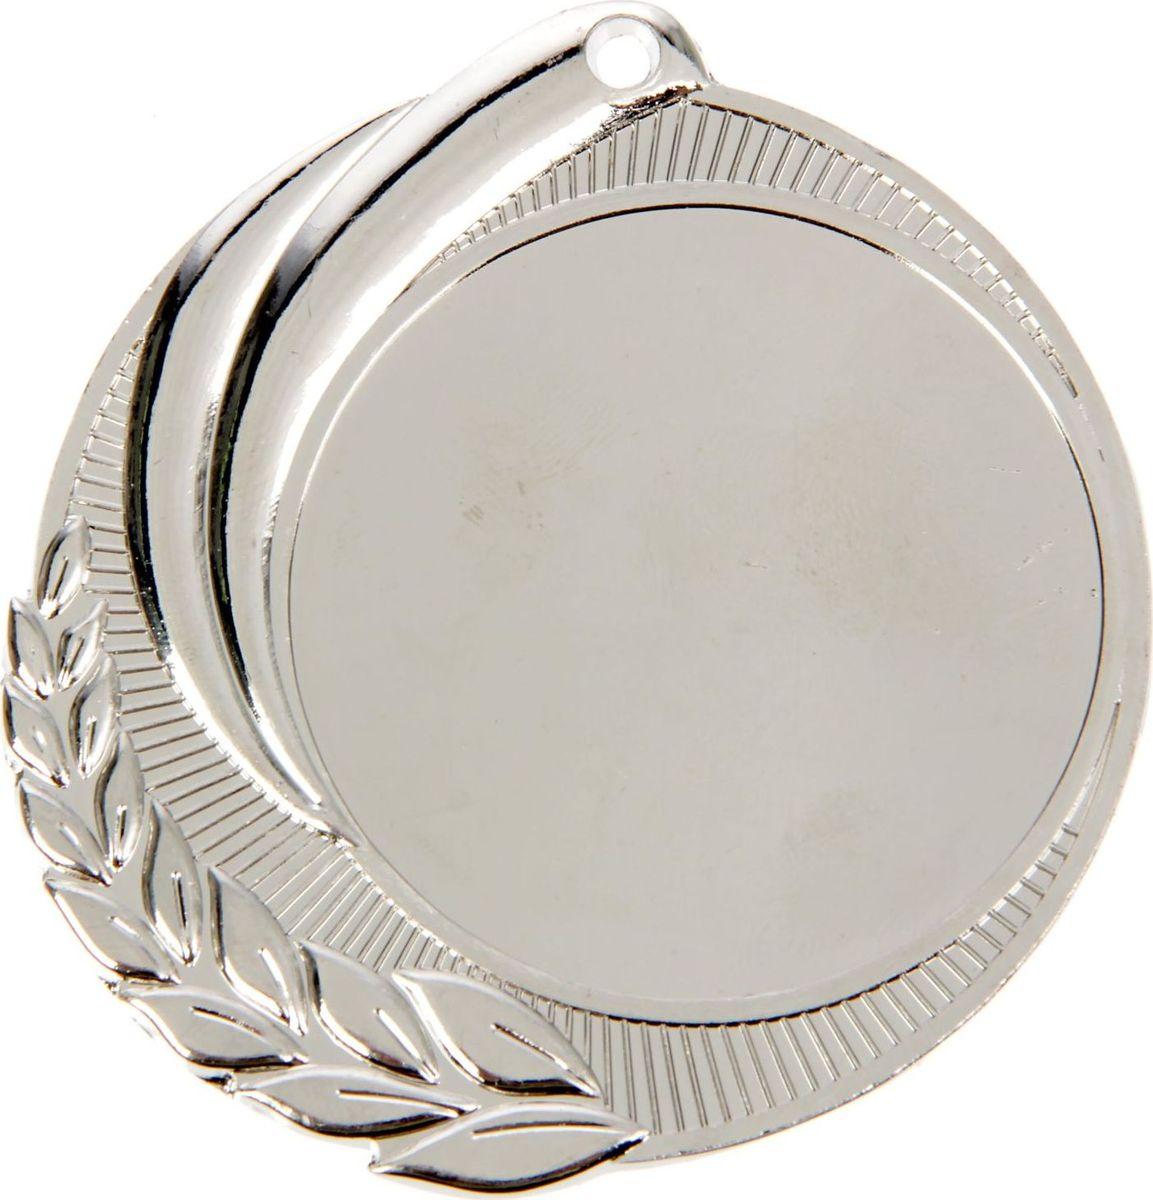 Медаль сувенирная с местом для гравировки, цвет: серебристый, диаметр 7 см. 0481387713Пусть любая победа будет отмечена соответствующей наградой! Медаль — знак отличия, которым награждают самых достойных. Она вручается лишь тем, кто проявил настойчивость и волю к победе. Каждое достижение — это важное событие, которое должно остаться в памяти на долгие годы. изготовлена из металла, в комплект входит лента цвета триколор, являющегося одним из государственных символов России. Характеристики: Диаметр медали: 7 см Диаметр вкладыша (лицо): 5 см Диаметр вкладыша (оборот): 5,4 см